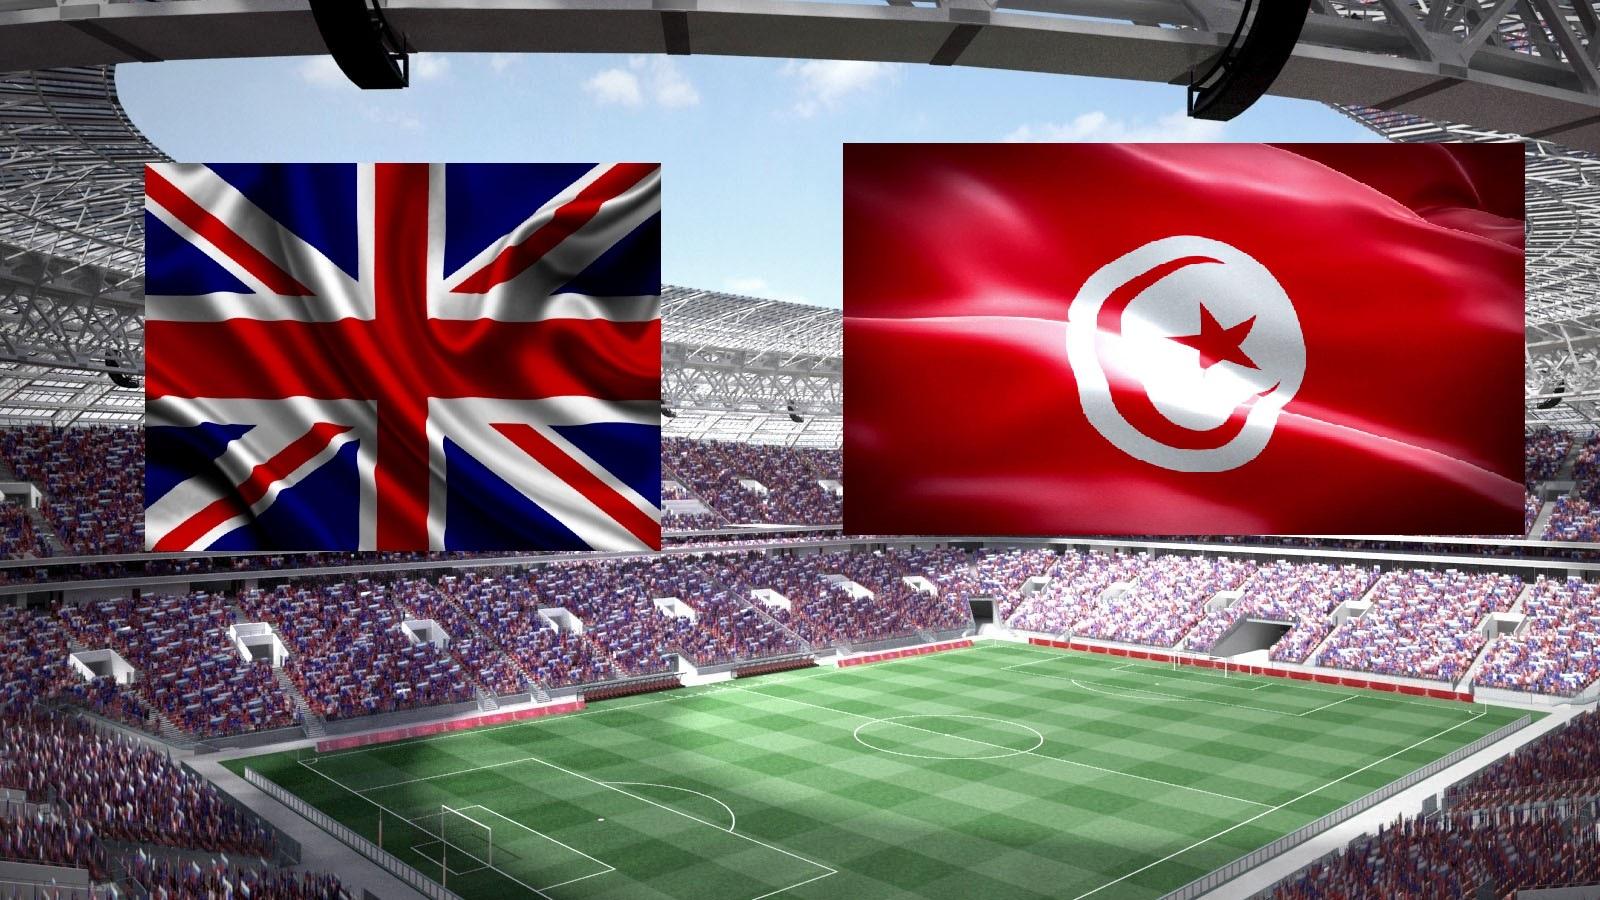 روسيا تحذر من فضيحة قد تؤثر على مباراة تونس وإنجلترا